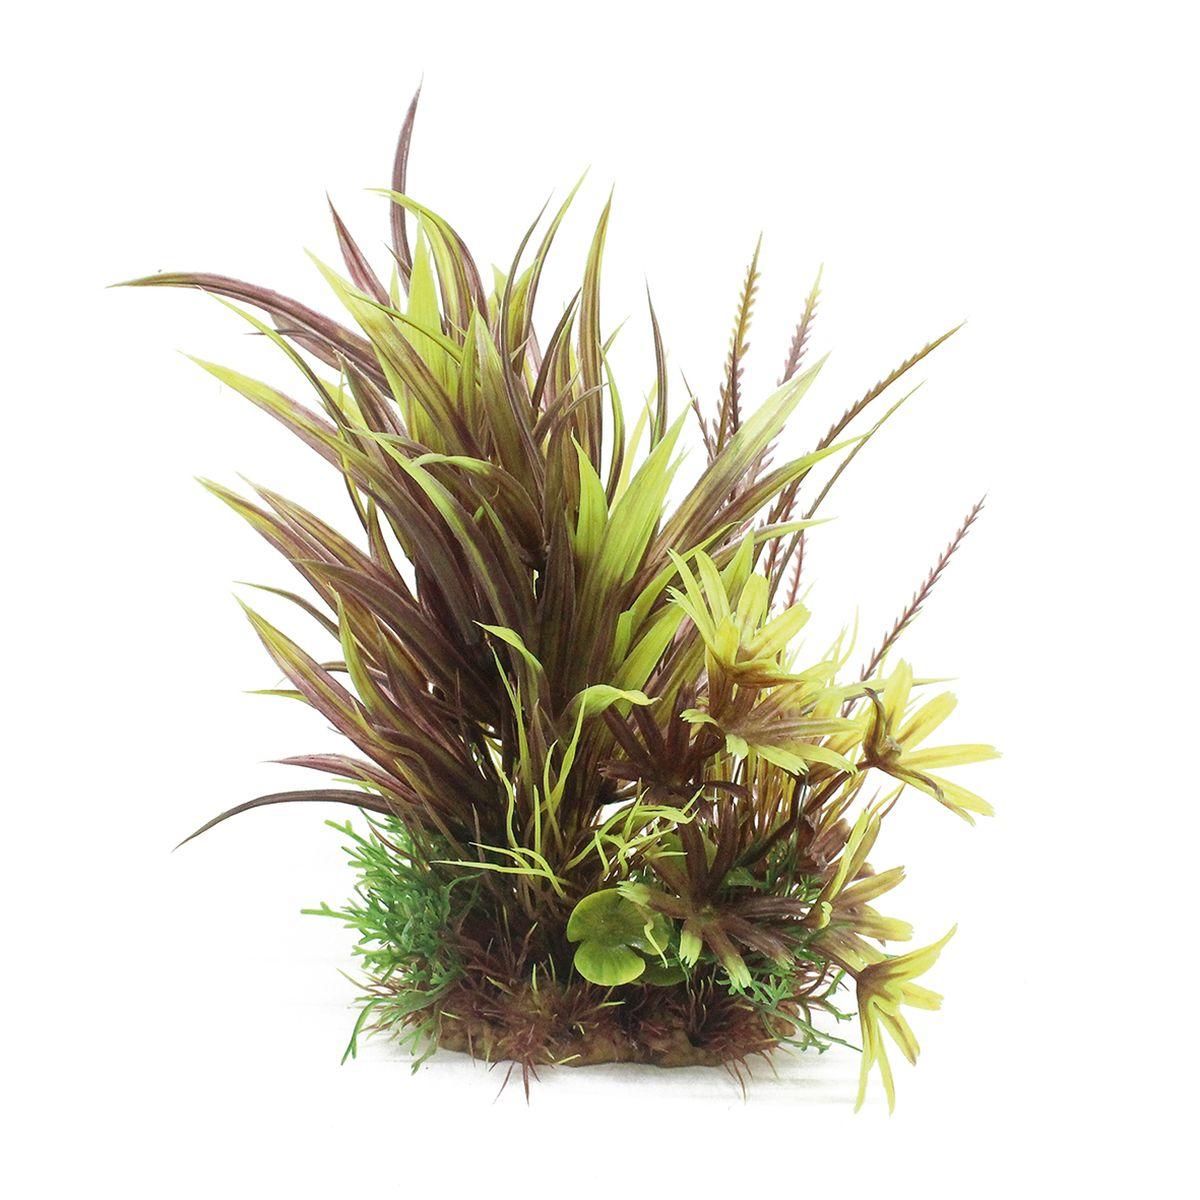 Растение для аквариума ArtUniq Гетерантера красная, высота 20 см0120710Композиция из искусственных растений ArtUniq превосходно украсит и оживит аквариум.Растения - это важная часть любой композиции, они помогут вдохнуть жизнь в ландшафт любого аквариума или террариума. А их сходствос природными порадует даже самых взыскательных ценителей.